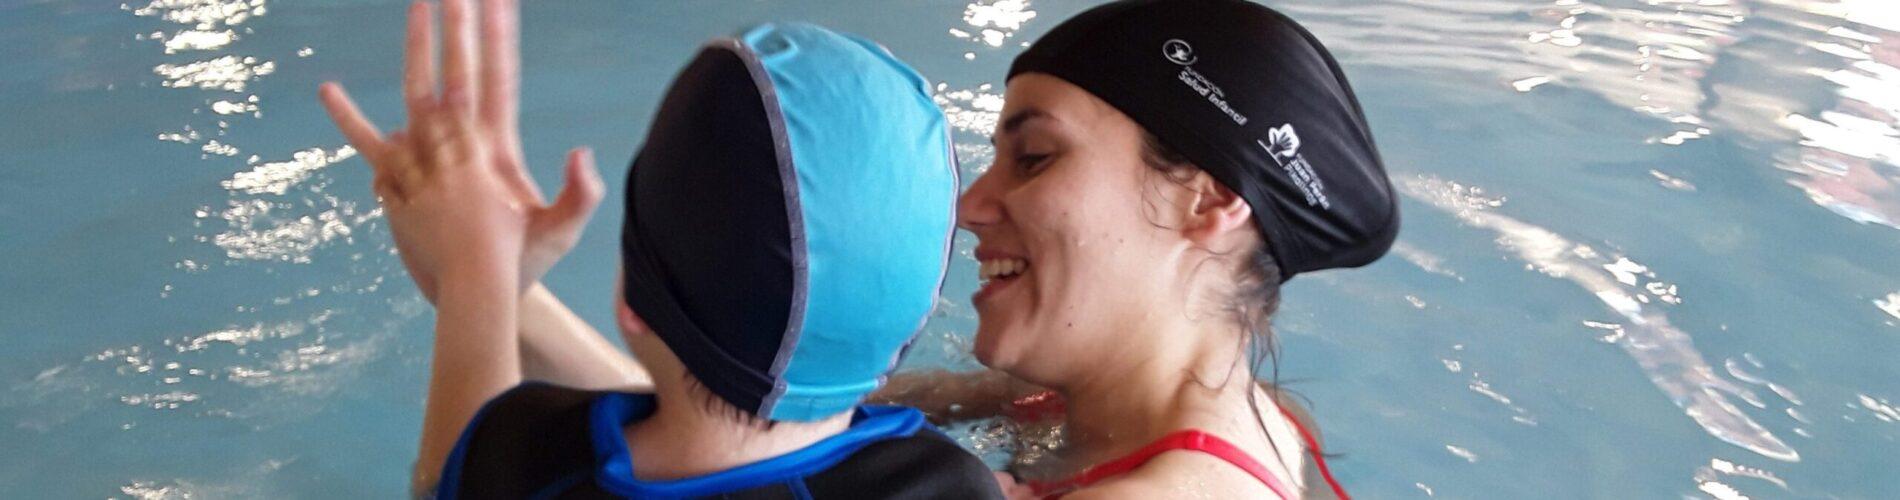 piscina2-e1529409478852